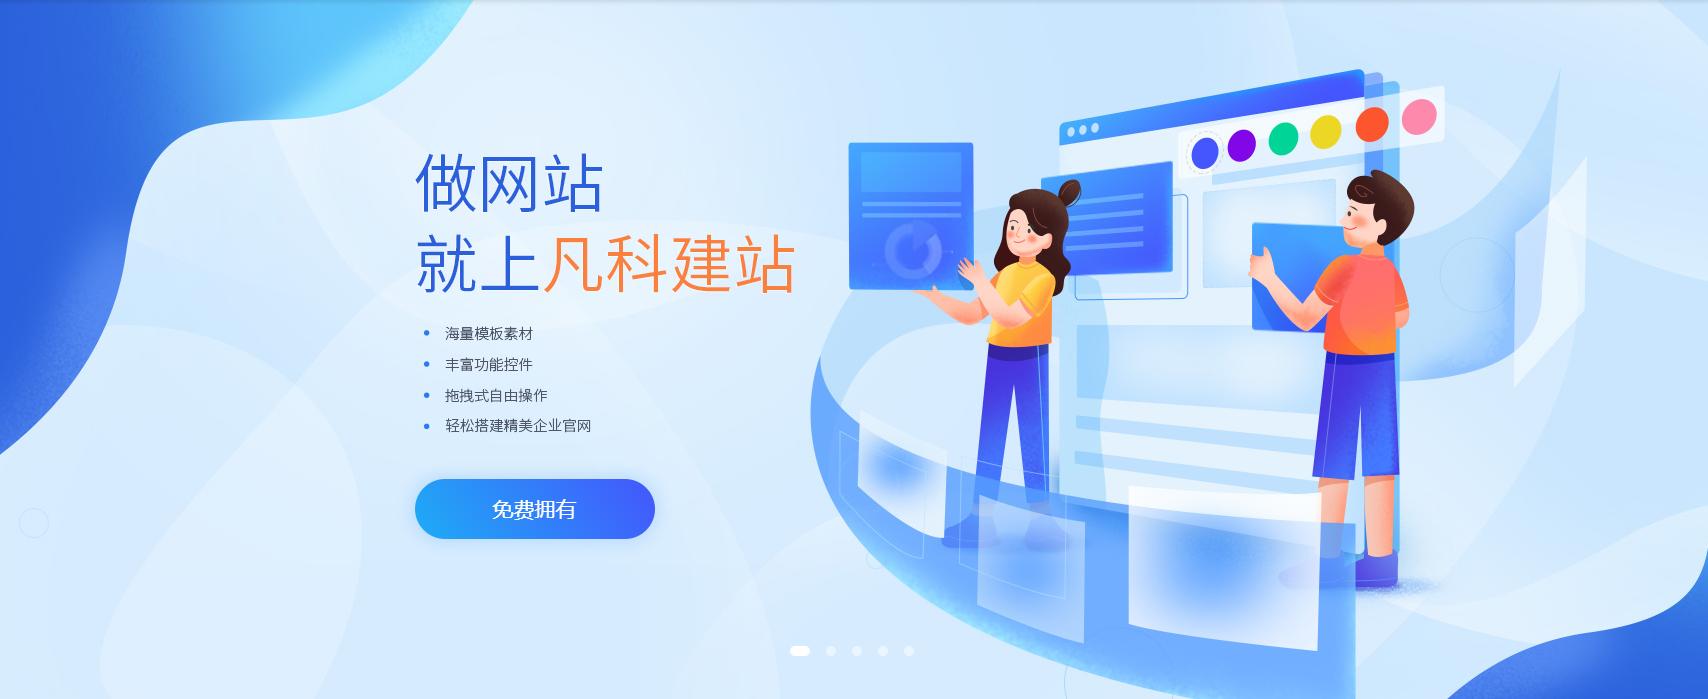 微网站建设